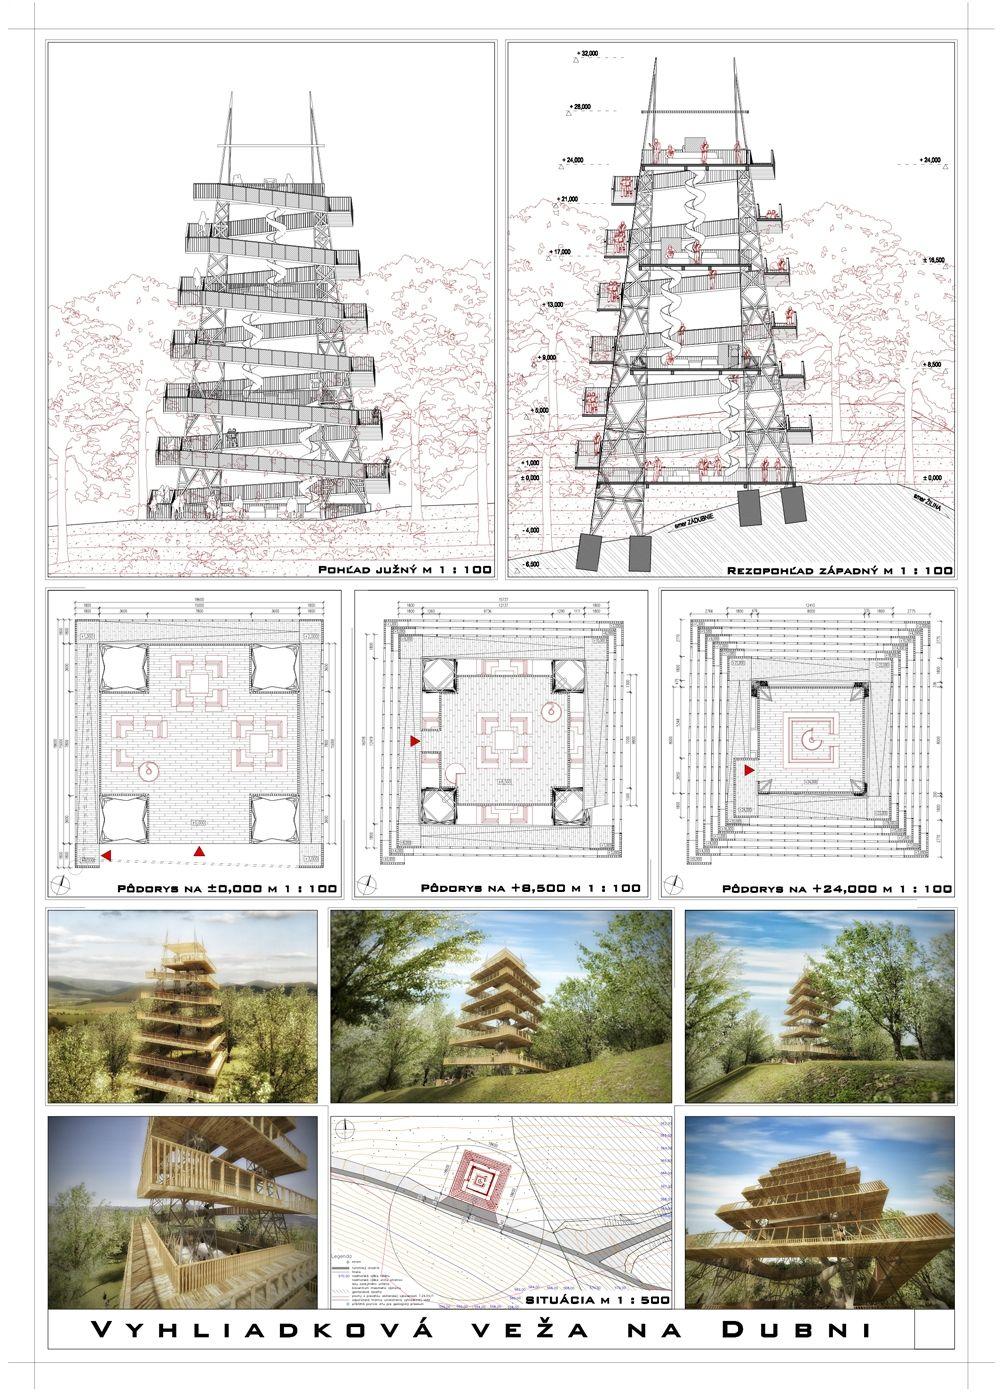 Súťažné návrhy Výhliadková veža na Dubni, foto 10